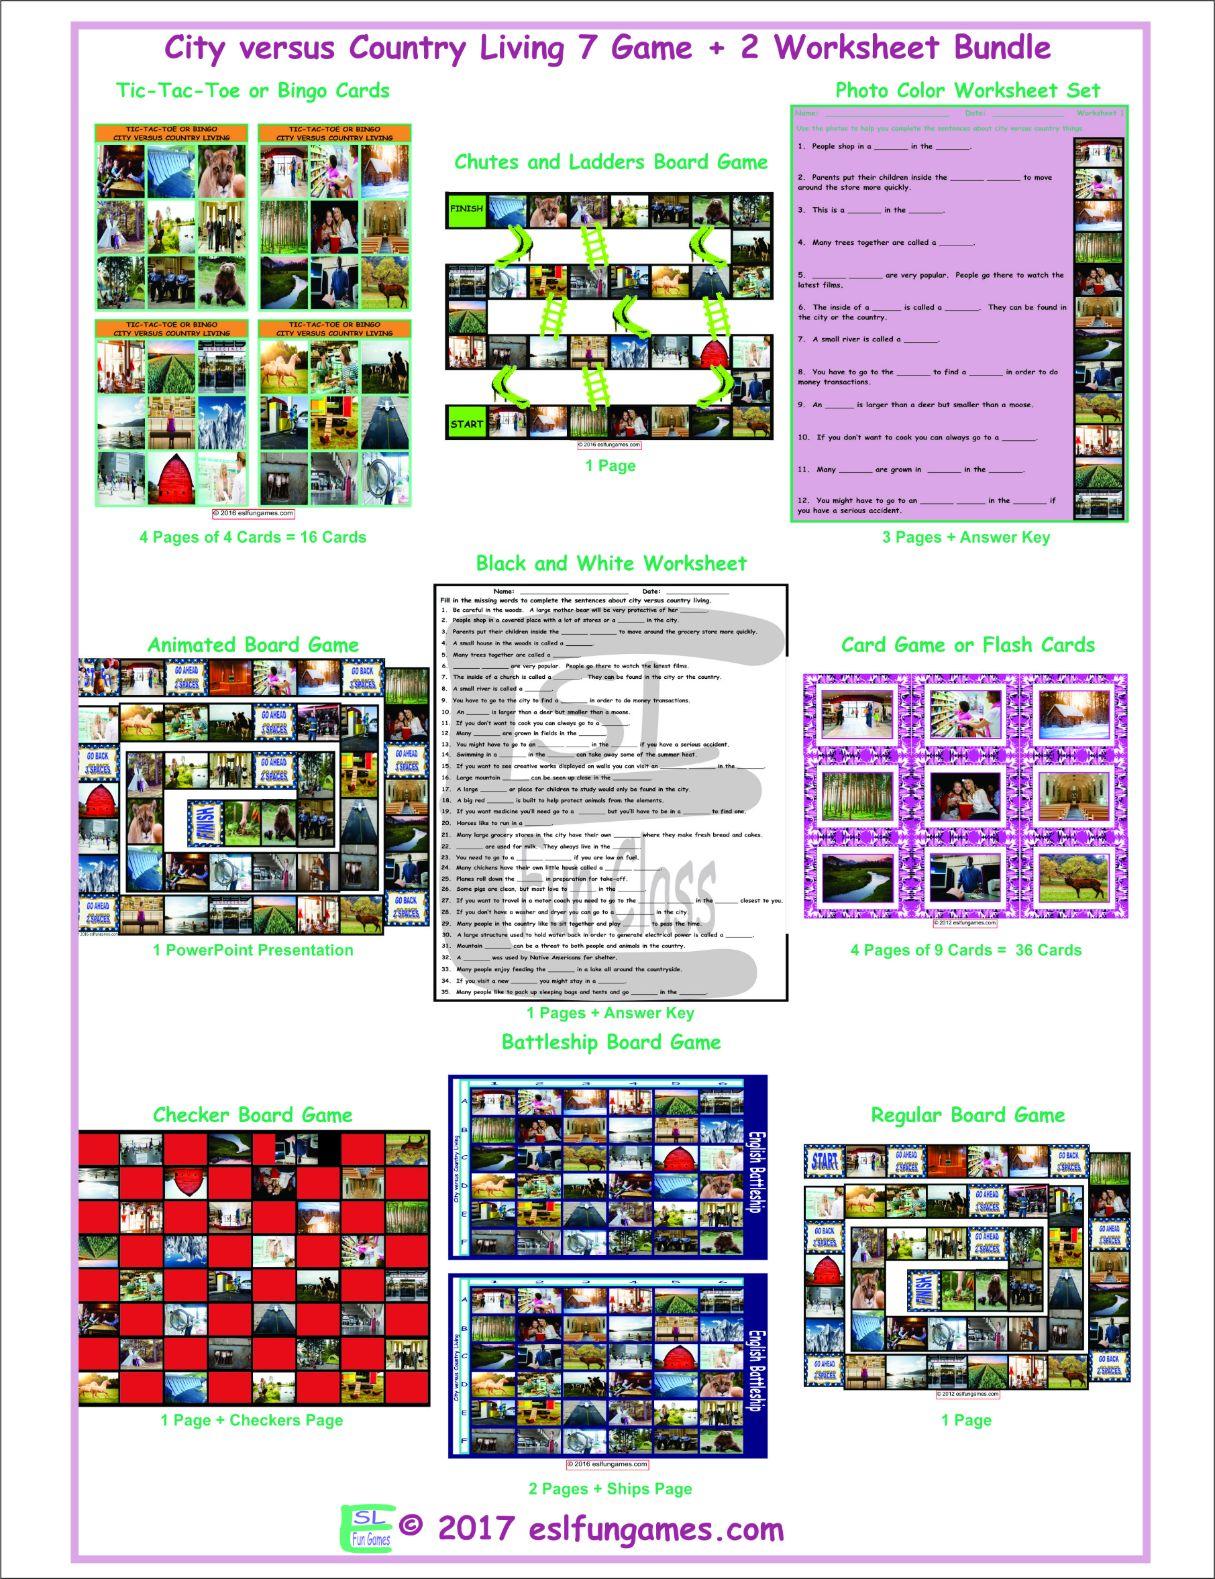 City Versus Country Living 7 Game Plus 2 Worksheet Bundle